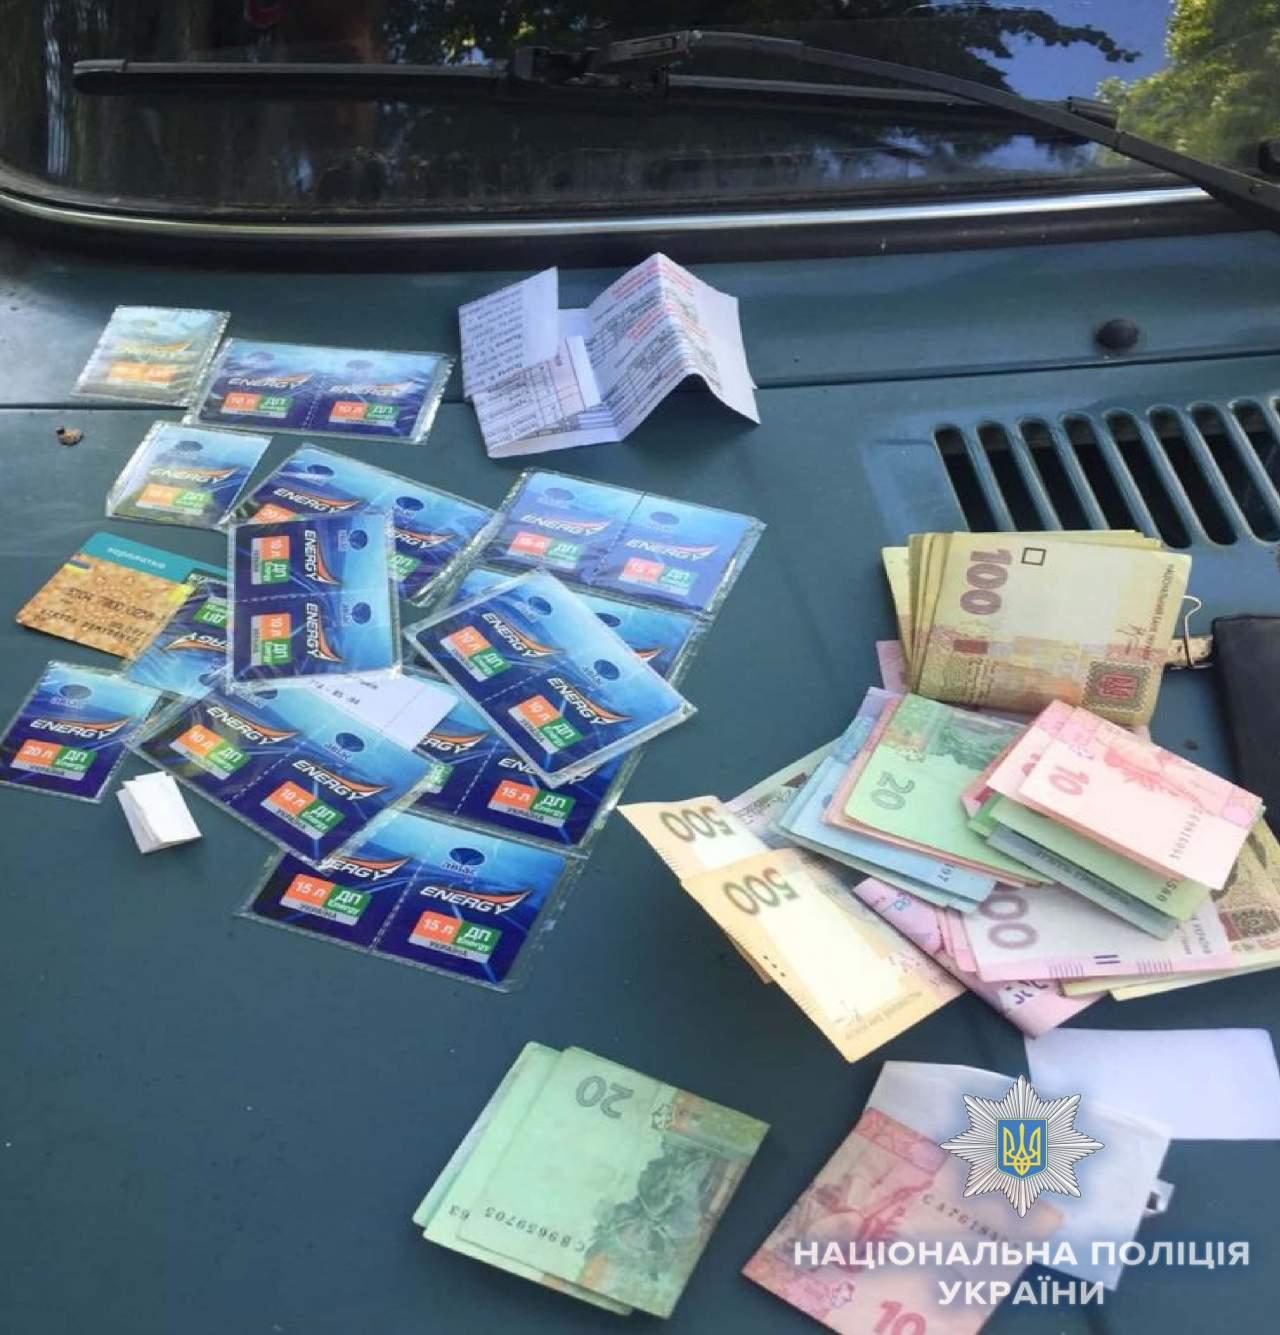 В Киеве задержали двоих мужчин, которые ограбили школьный автобус (фото)